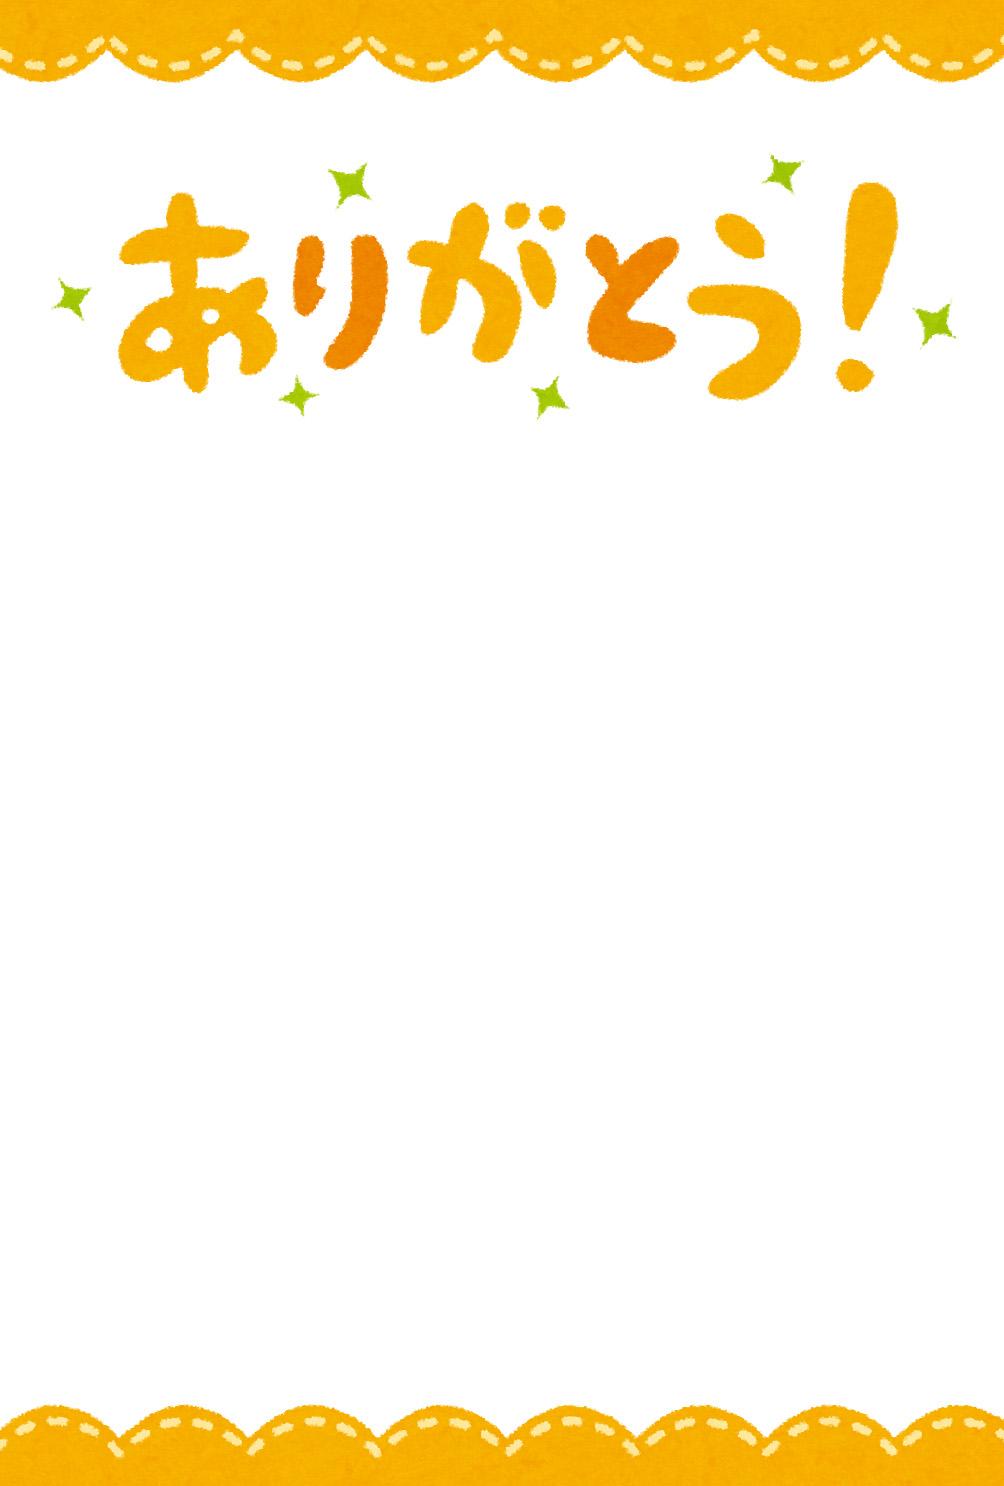 メッセージカードのテンプレート「ありがとう」 | かわいいフリー素材